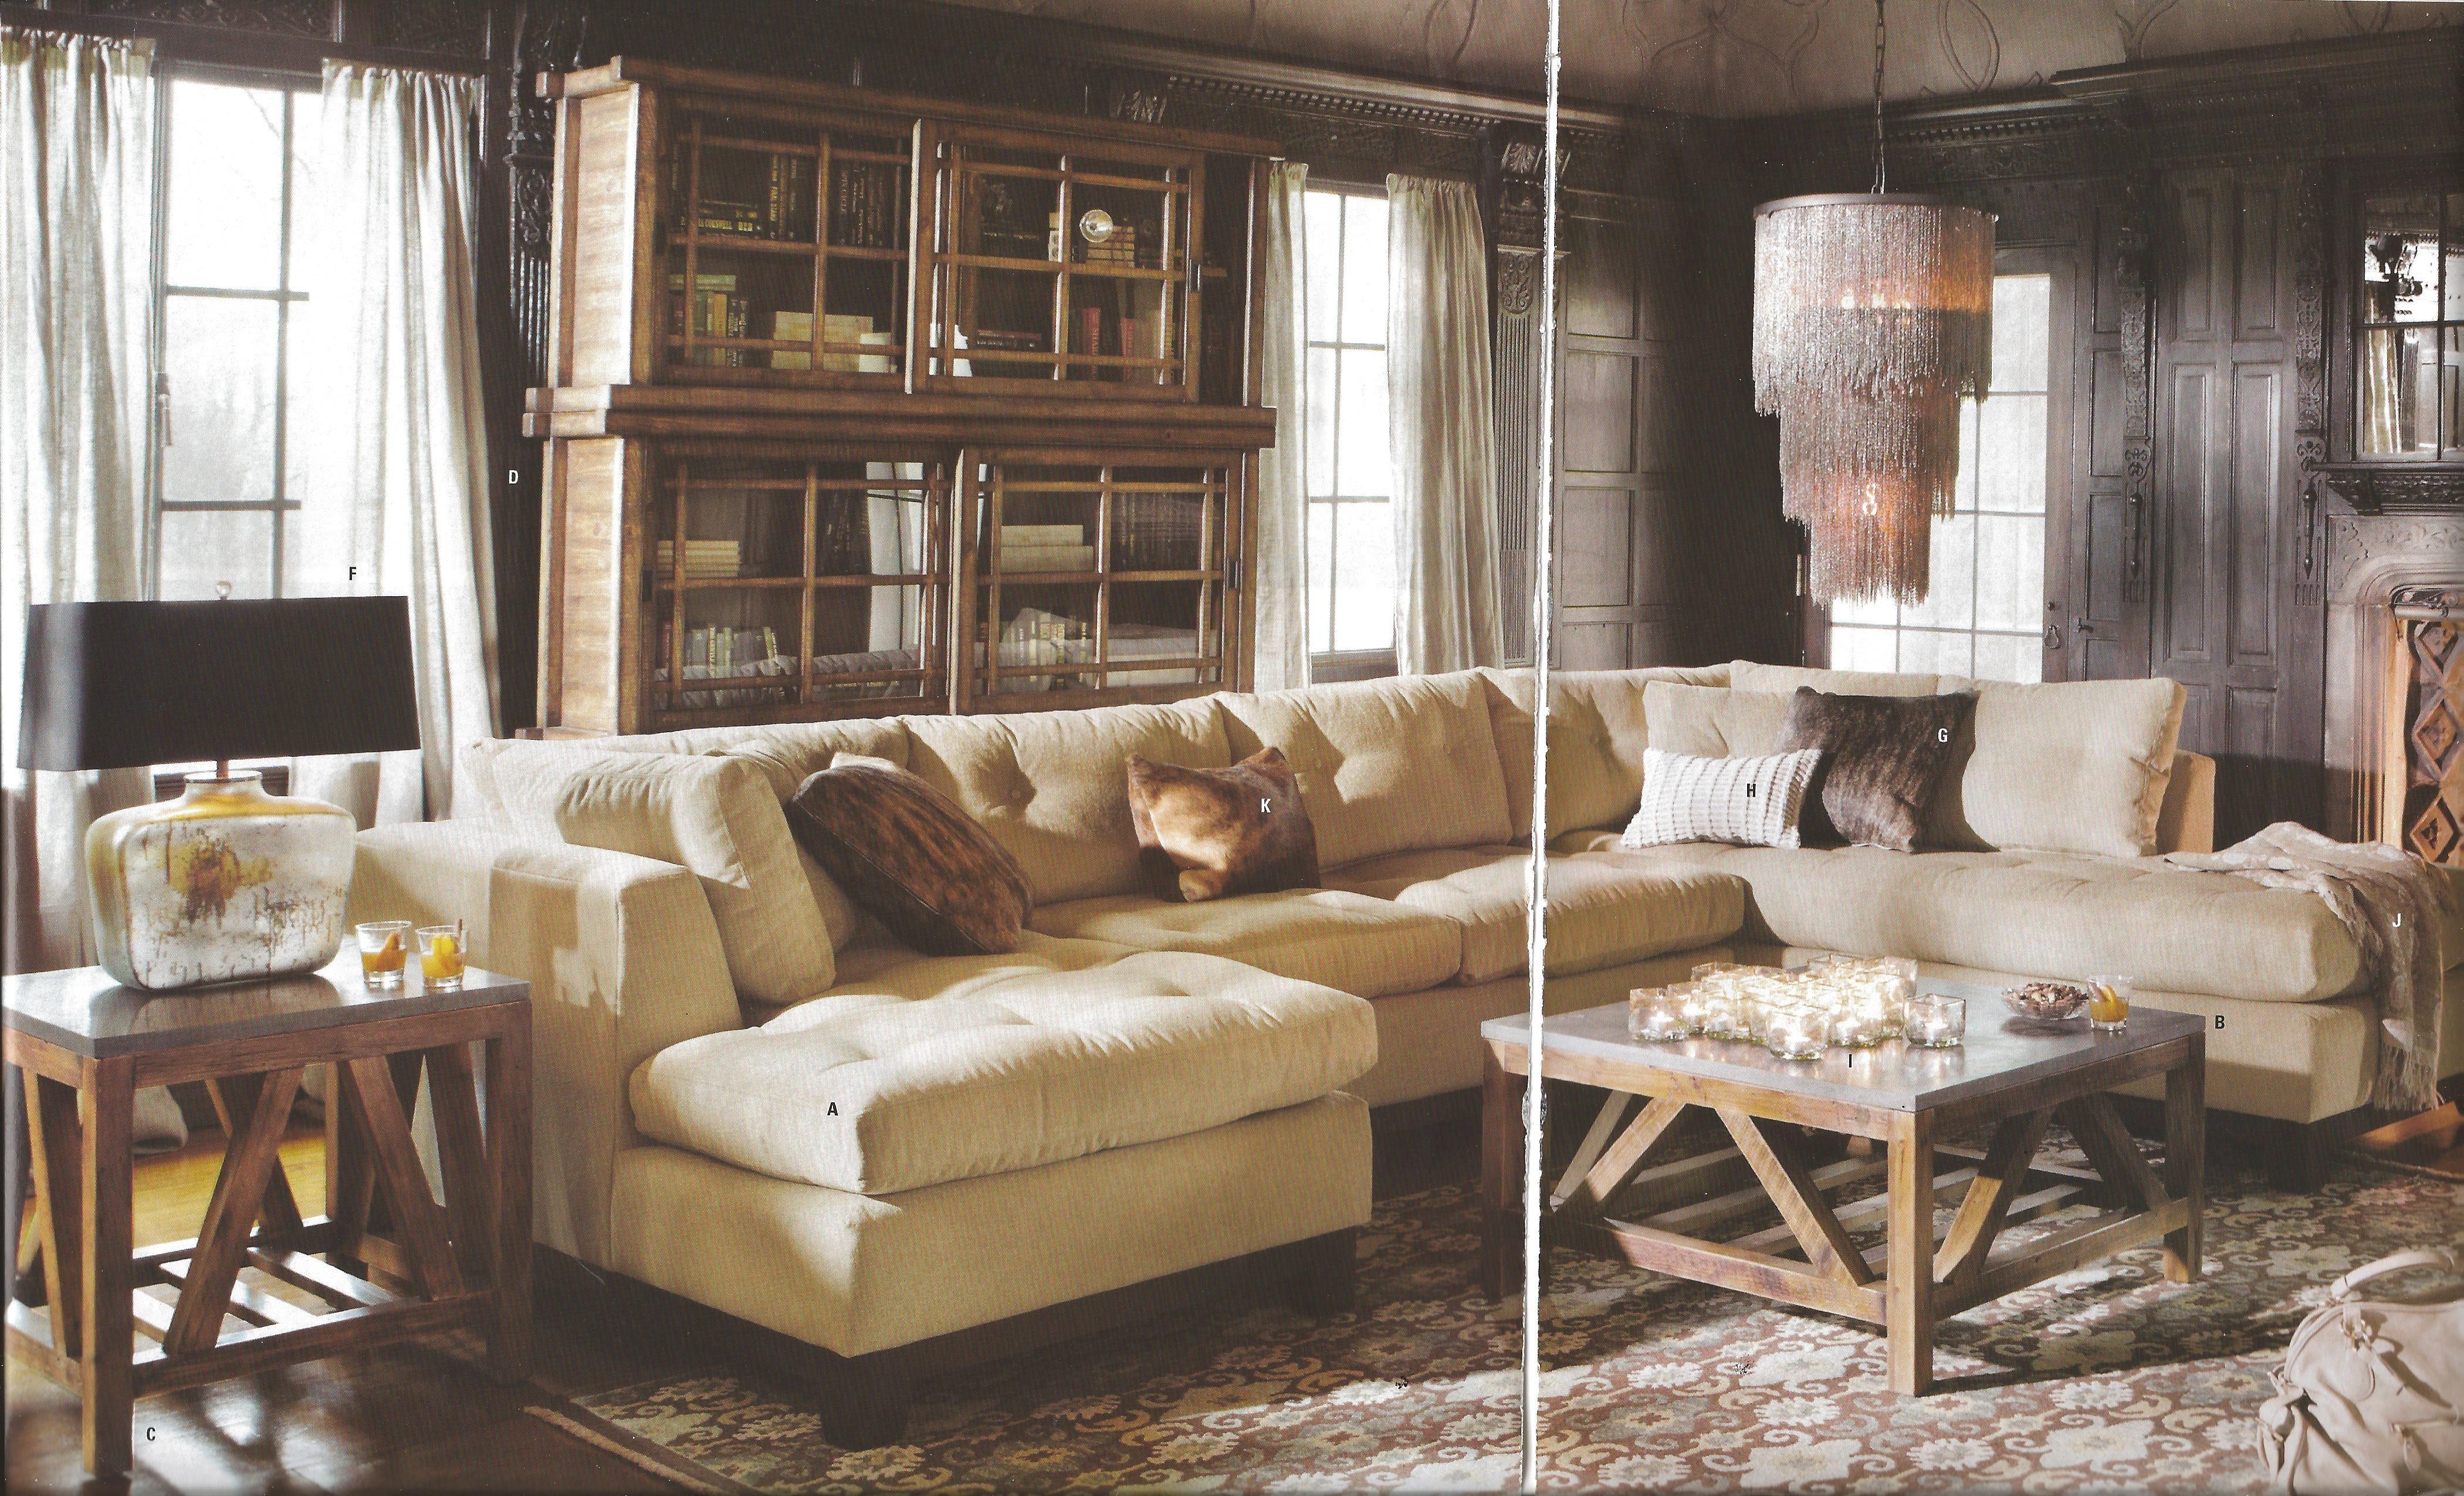 Arhaus garner sectional sofas pinterest living rooms for Sectional sofas arhaus